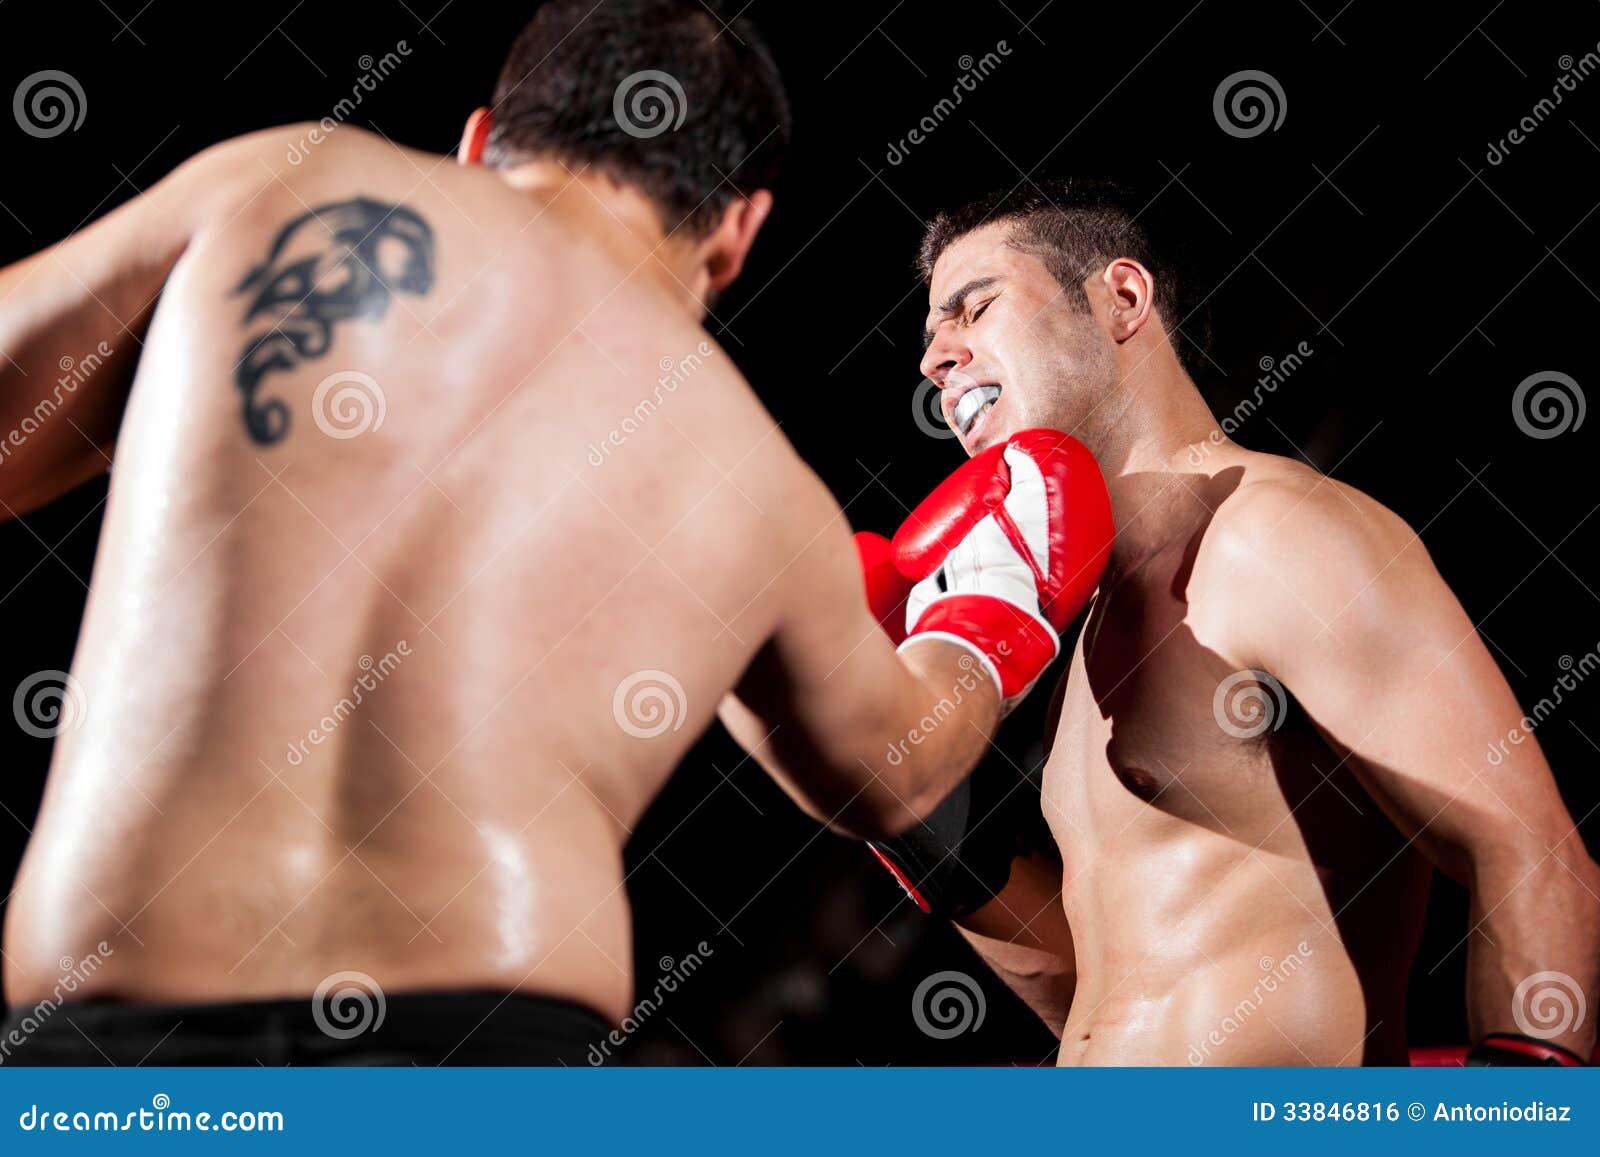 Étant poinçonné pendant un combat